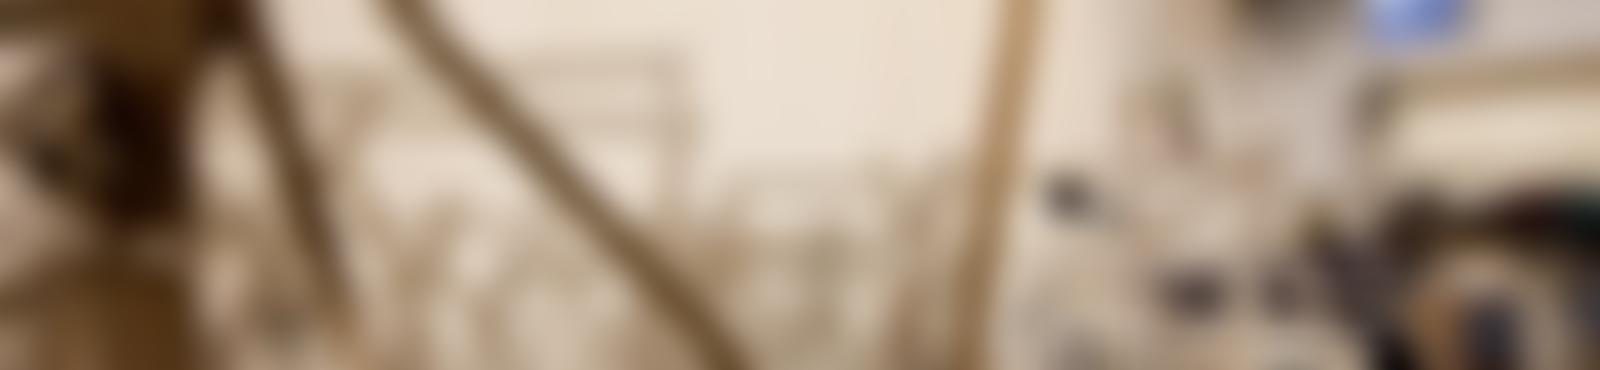 Blurred 72401aa1 432c 498a bf87 815b65830883